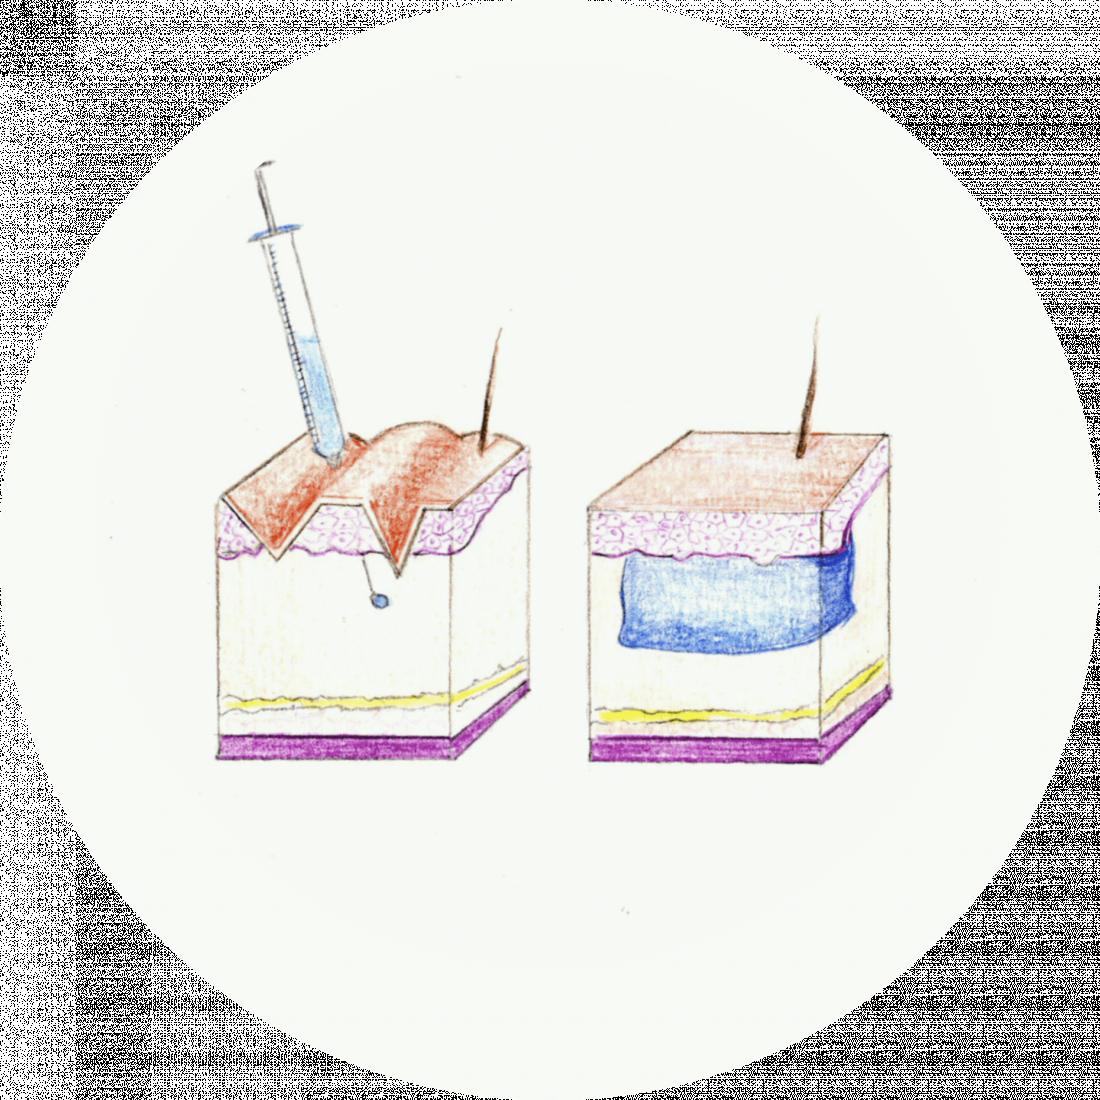 Procedure details: Lip Fillers